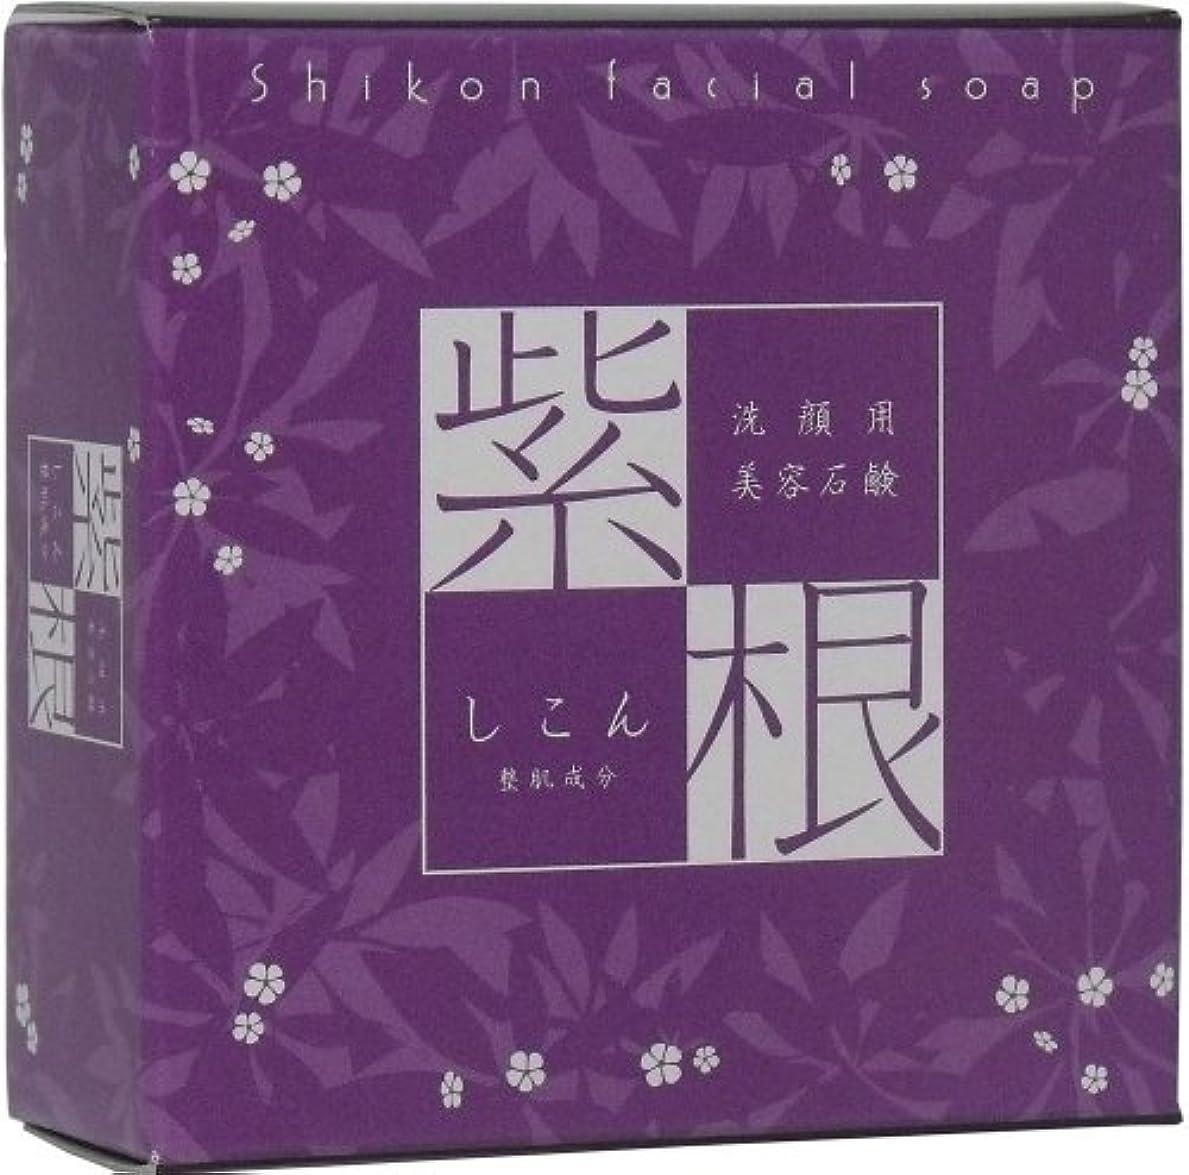 洗顔用 紫根石けん (泡立てネット付き) 100g ×6個セット